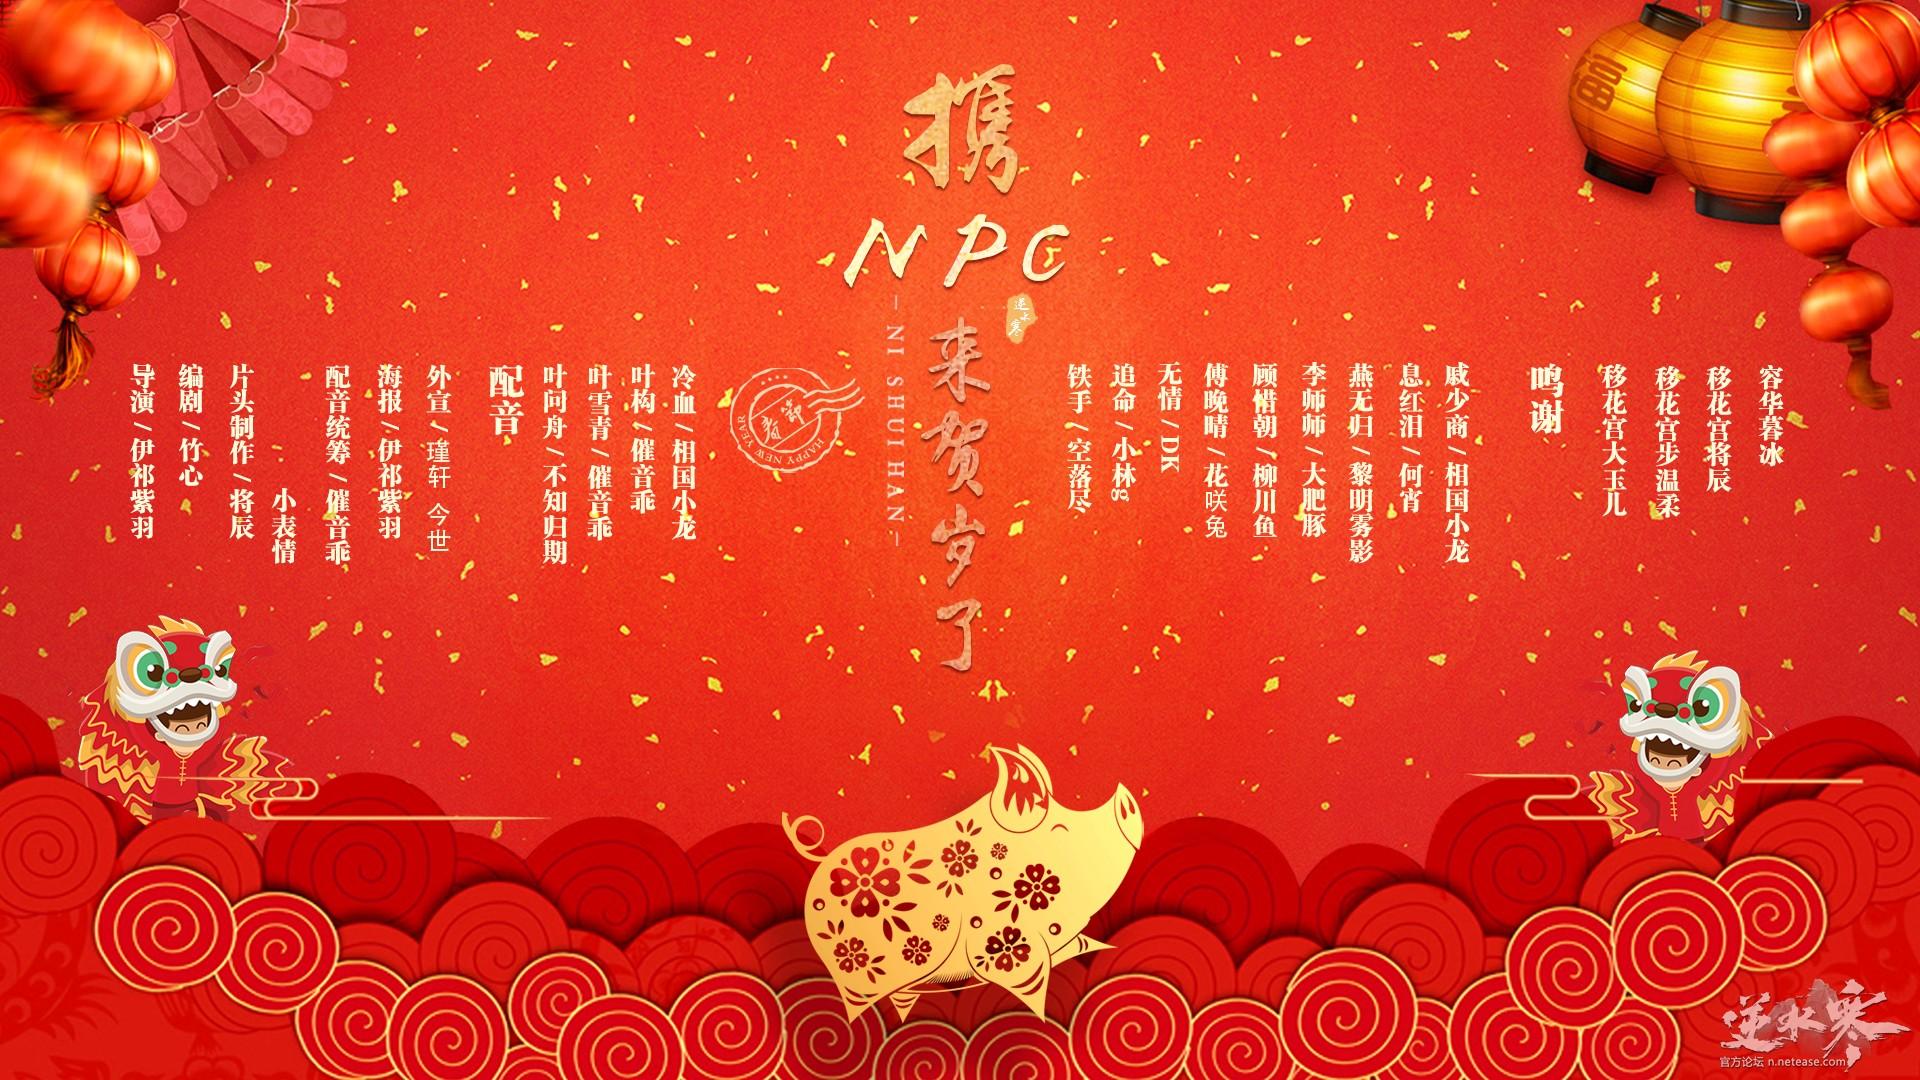 【携NPC来贺岁了】春节了,看看NPC们想和你们说些什么吧~